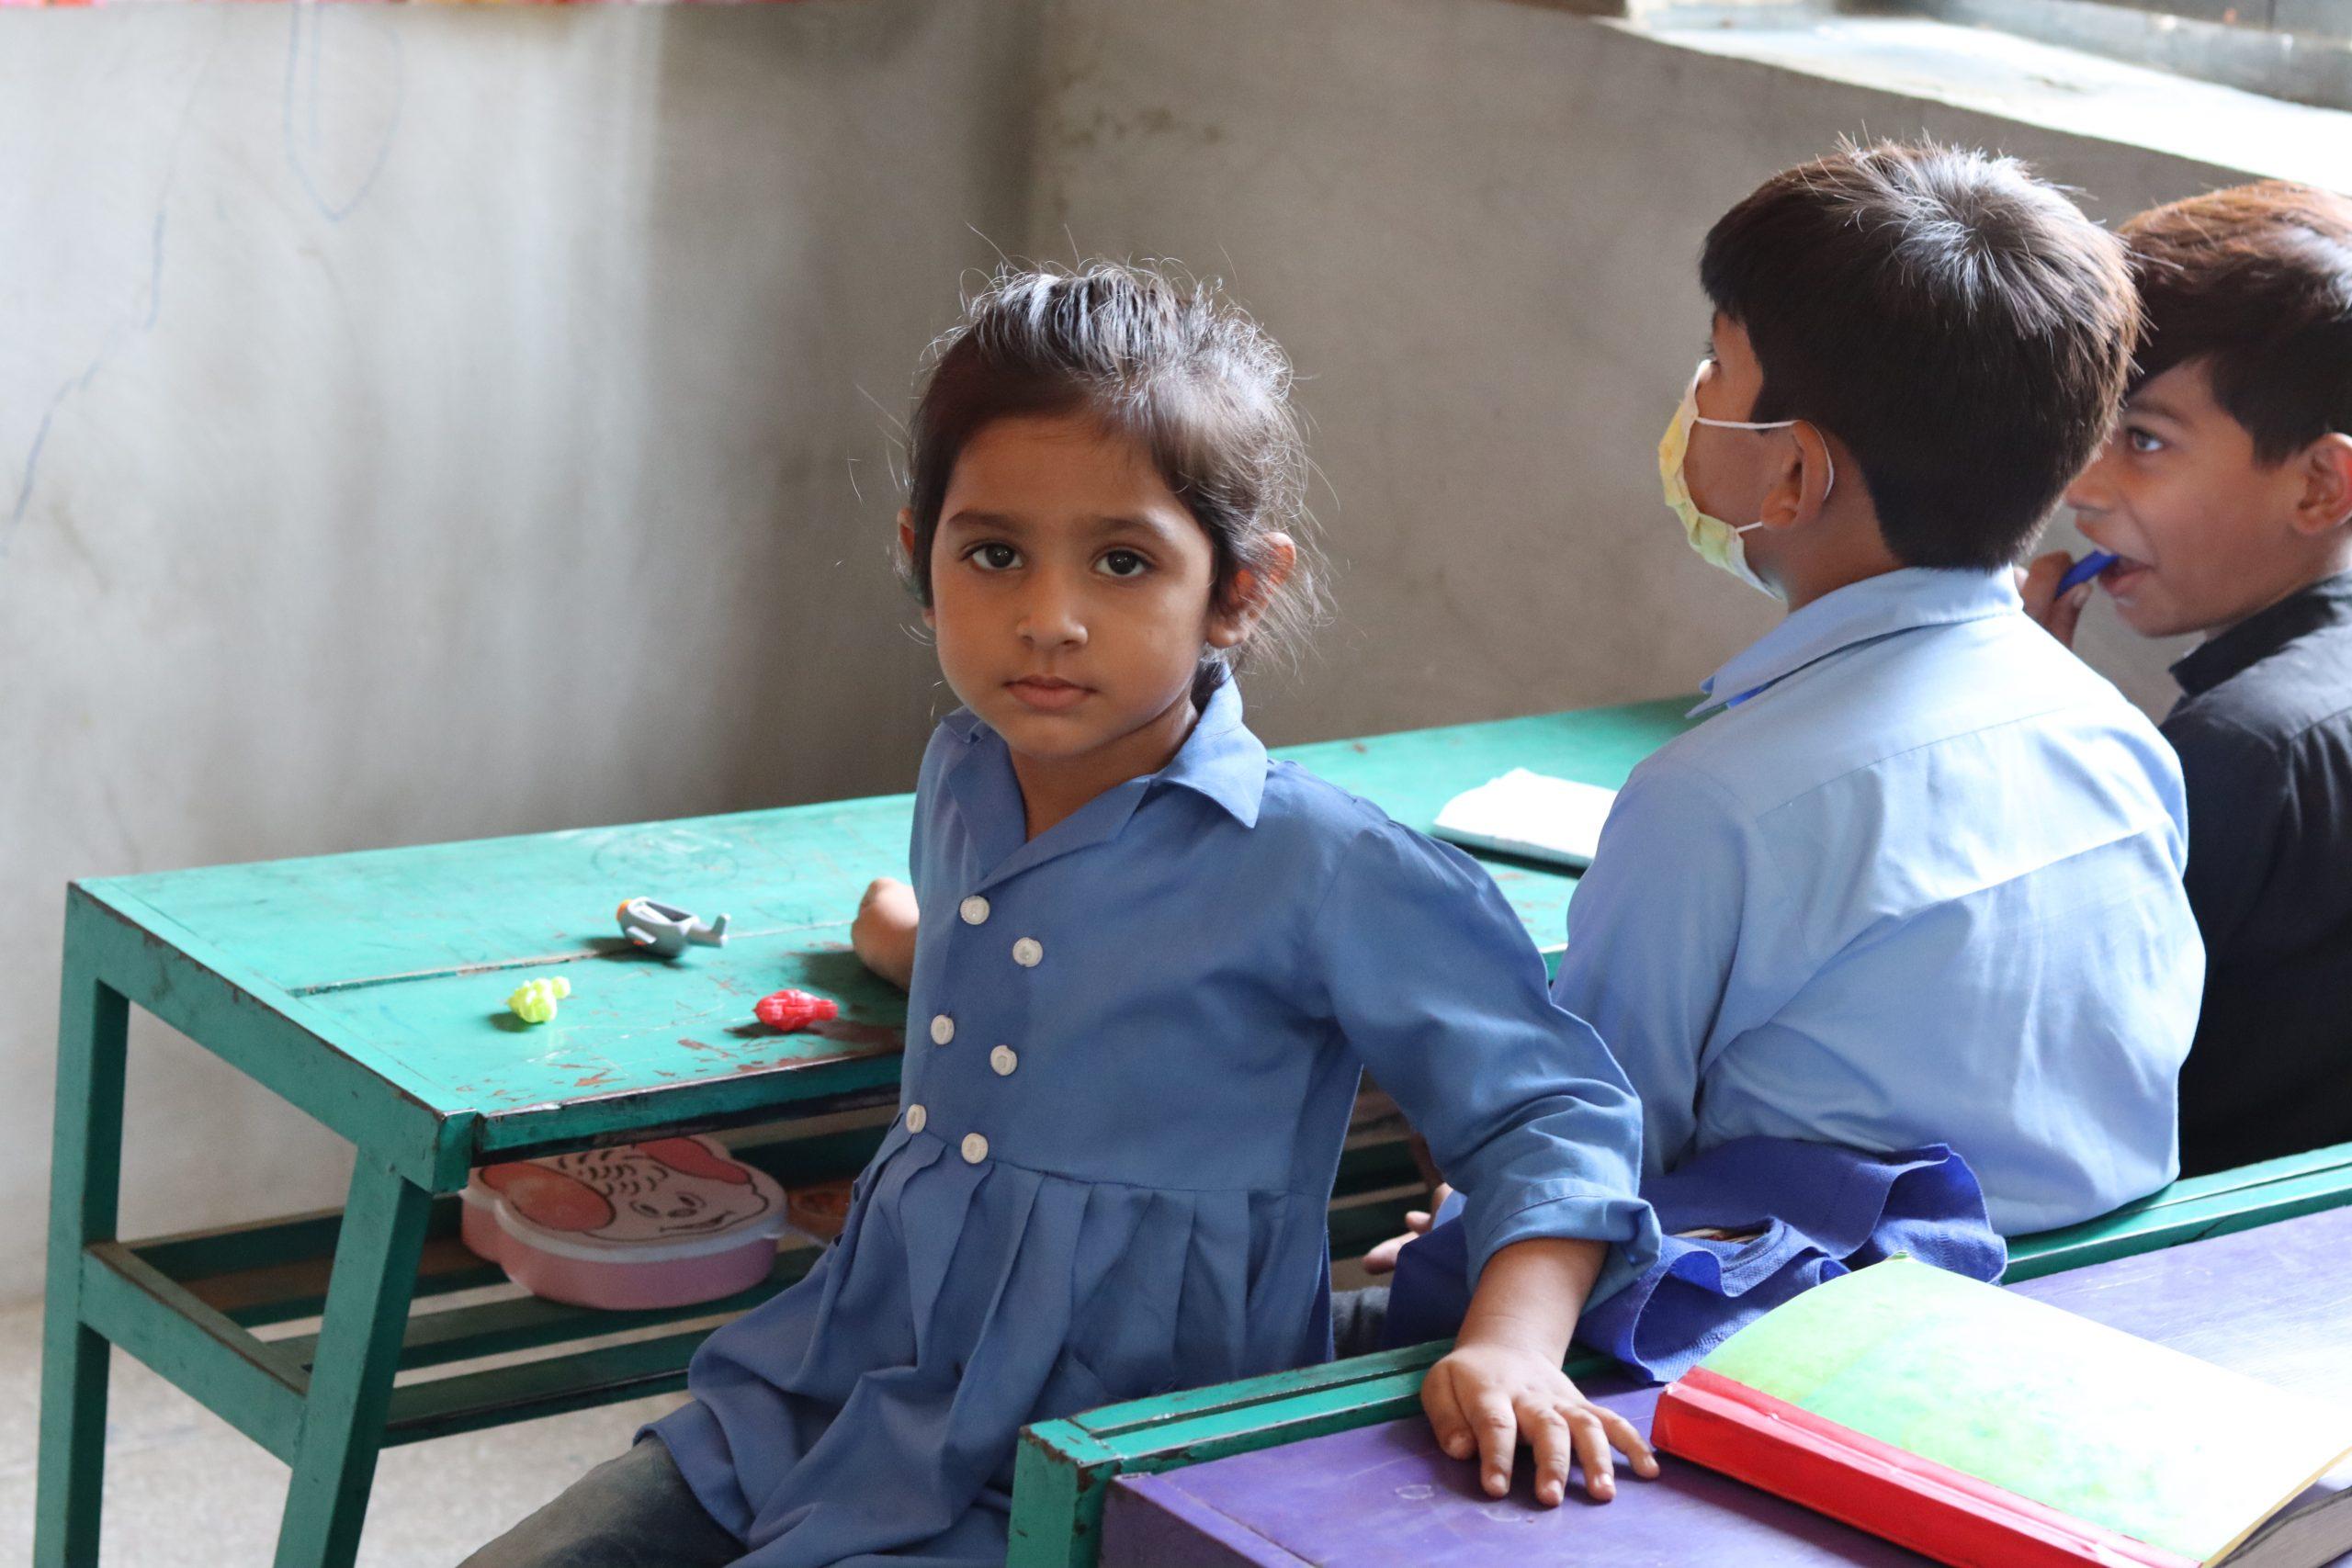 گورنمنٹ  ایم سی پرائمری  سکول رحیم آباد (ملتان) میں جماعت  نرسری کی طالبہ